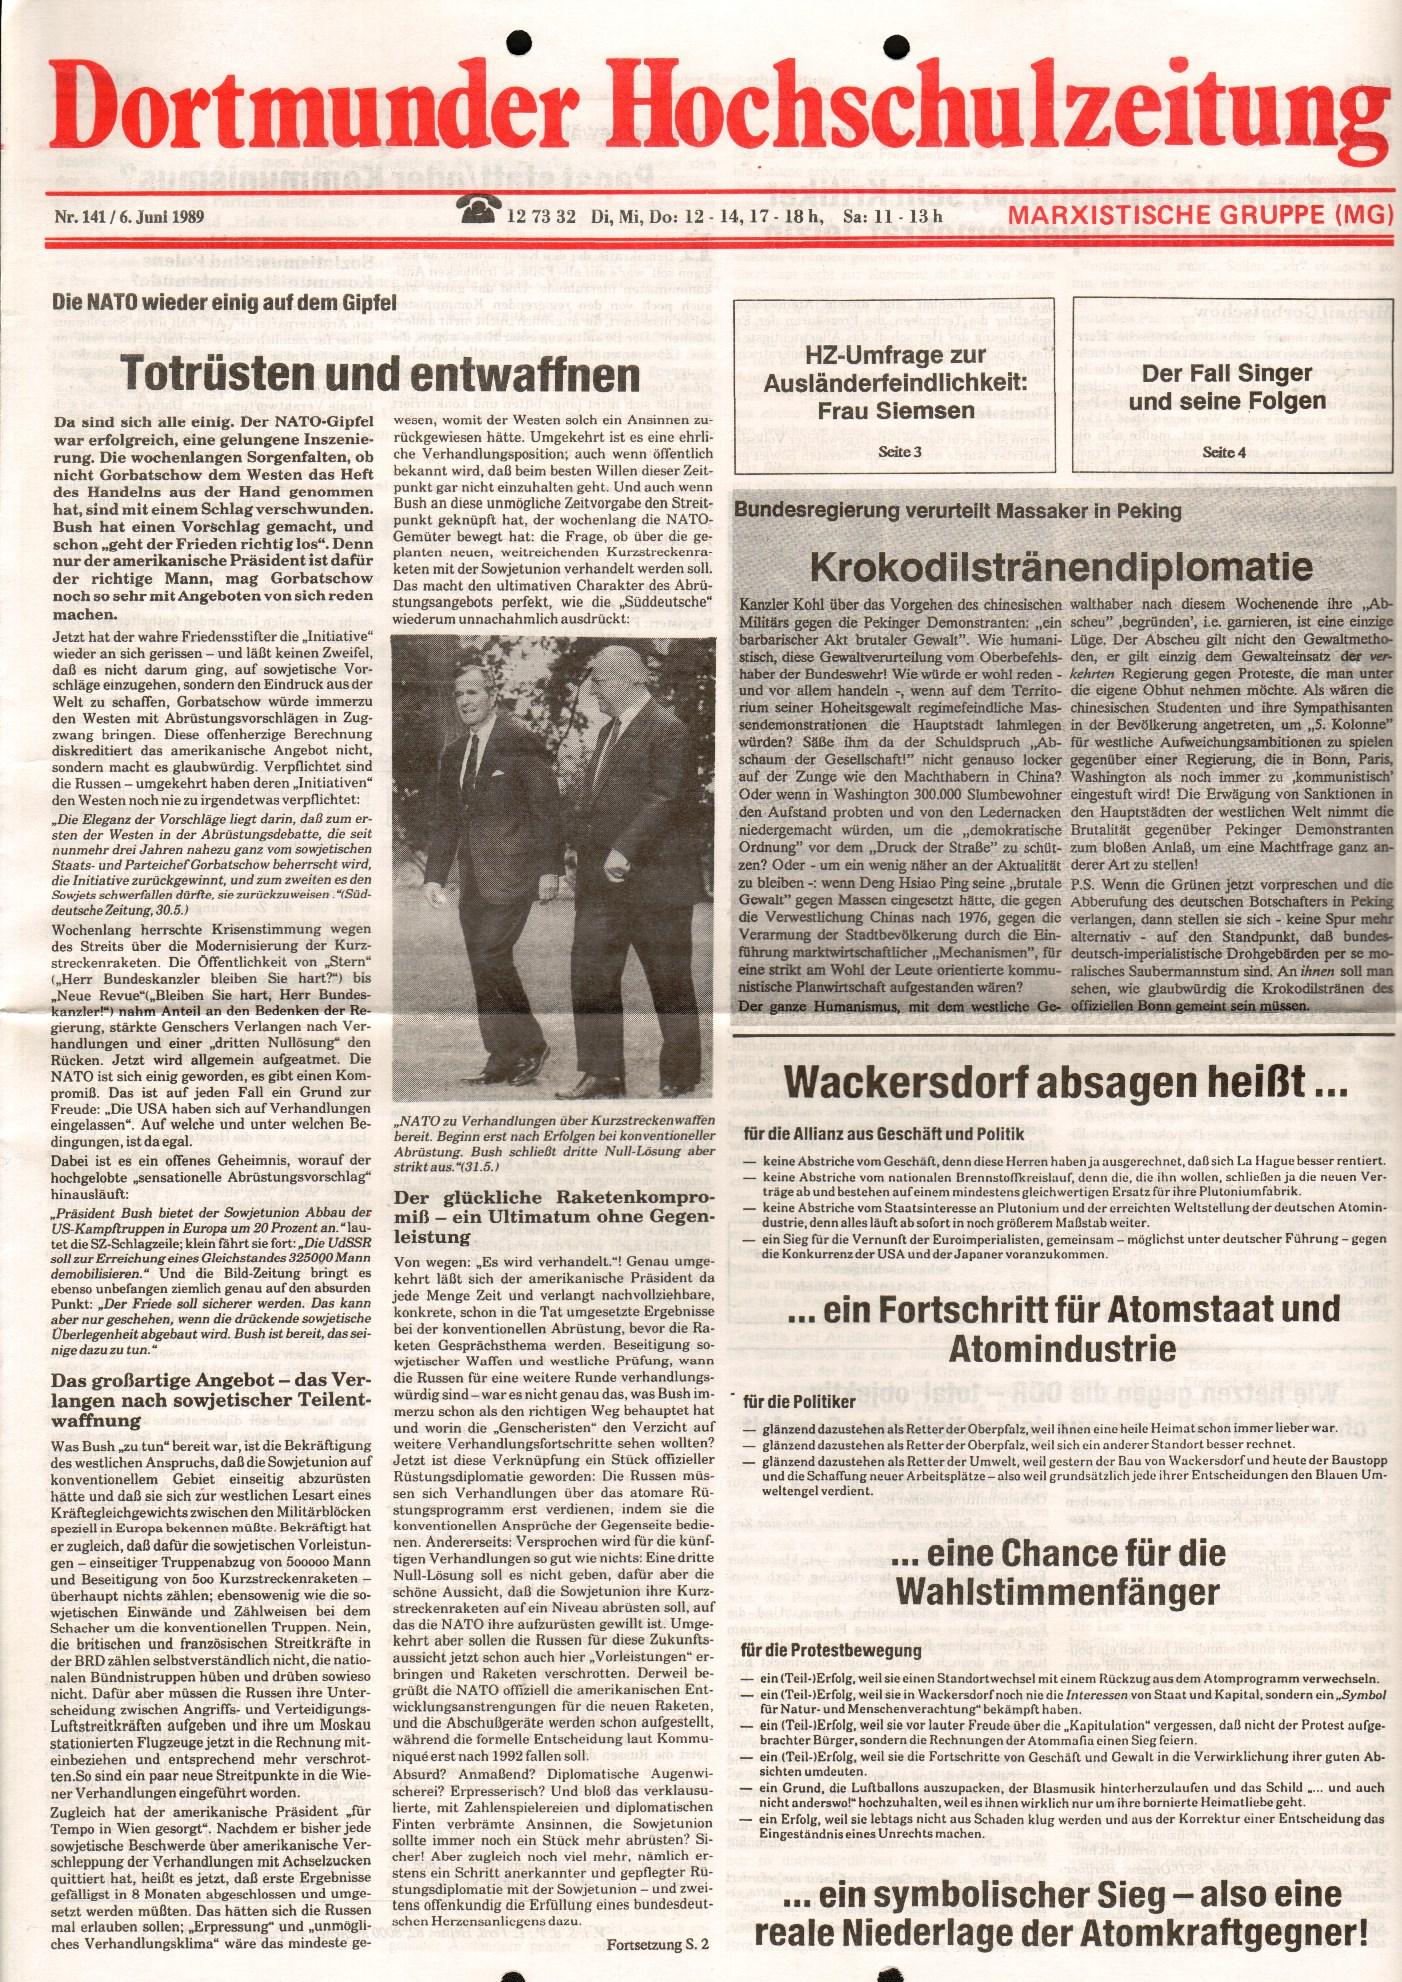 MG_Dortmunder_Hochschulzeitung_19890606_01